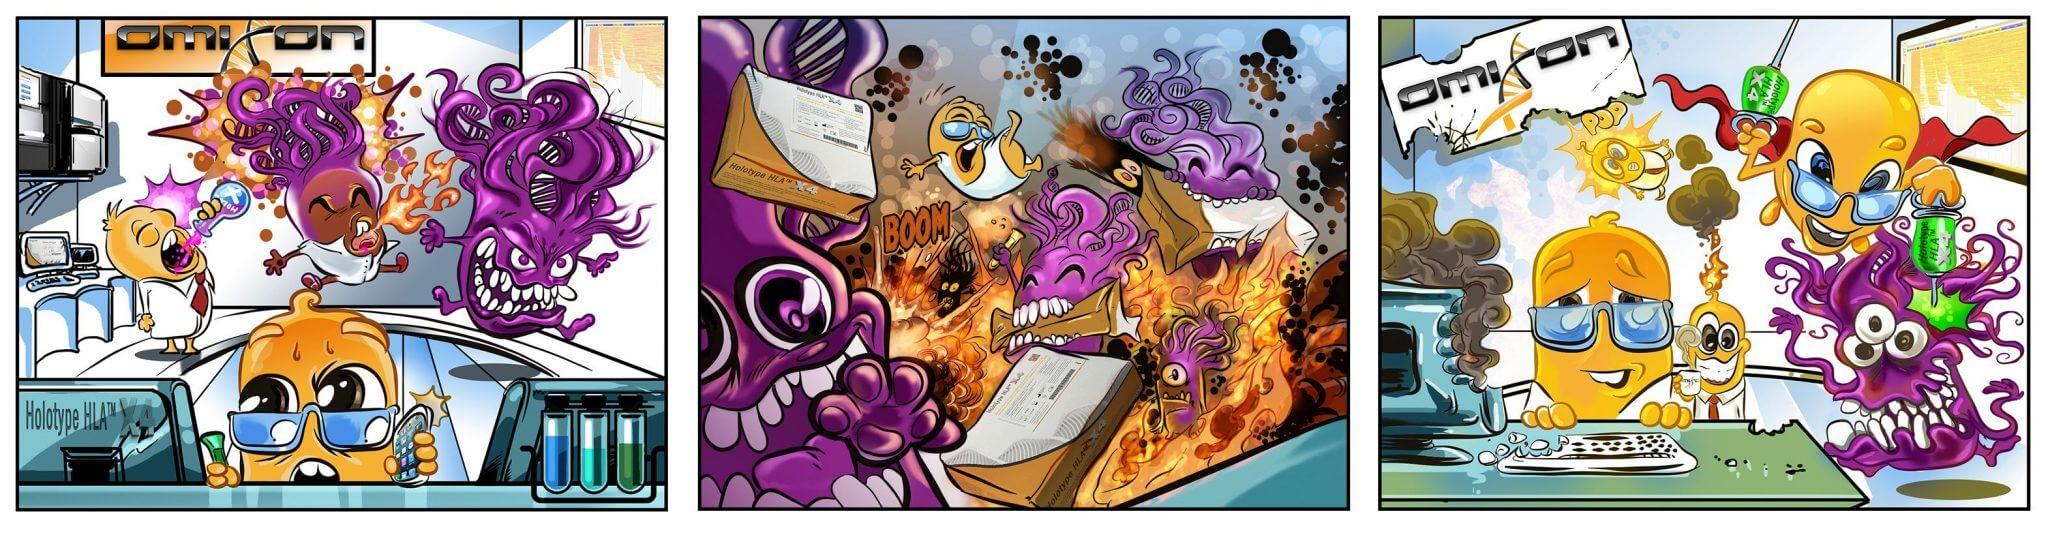 Omixions_Lab_Mayhem